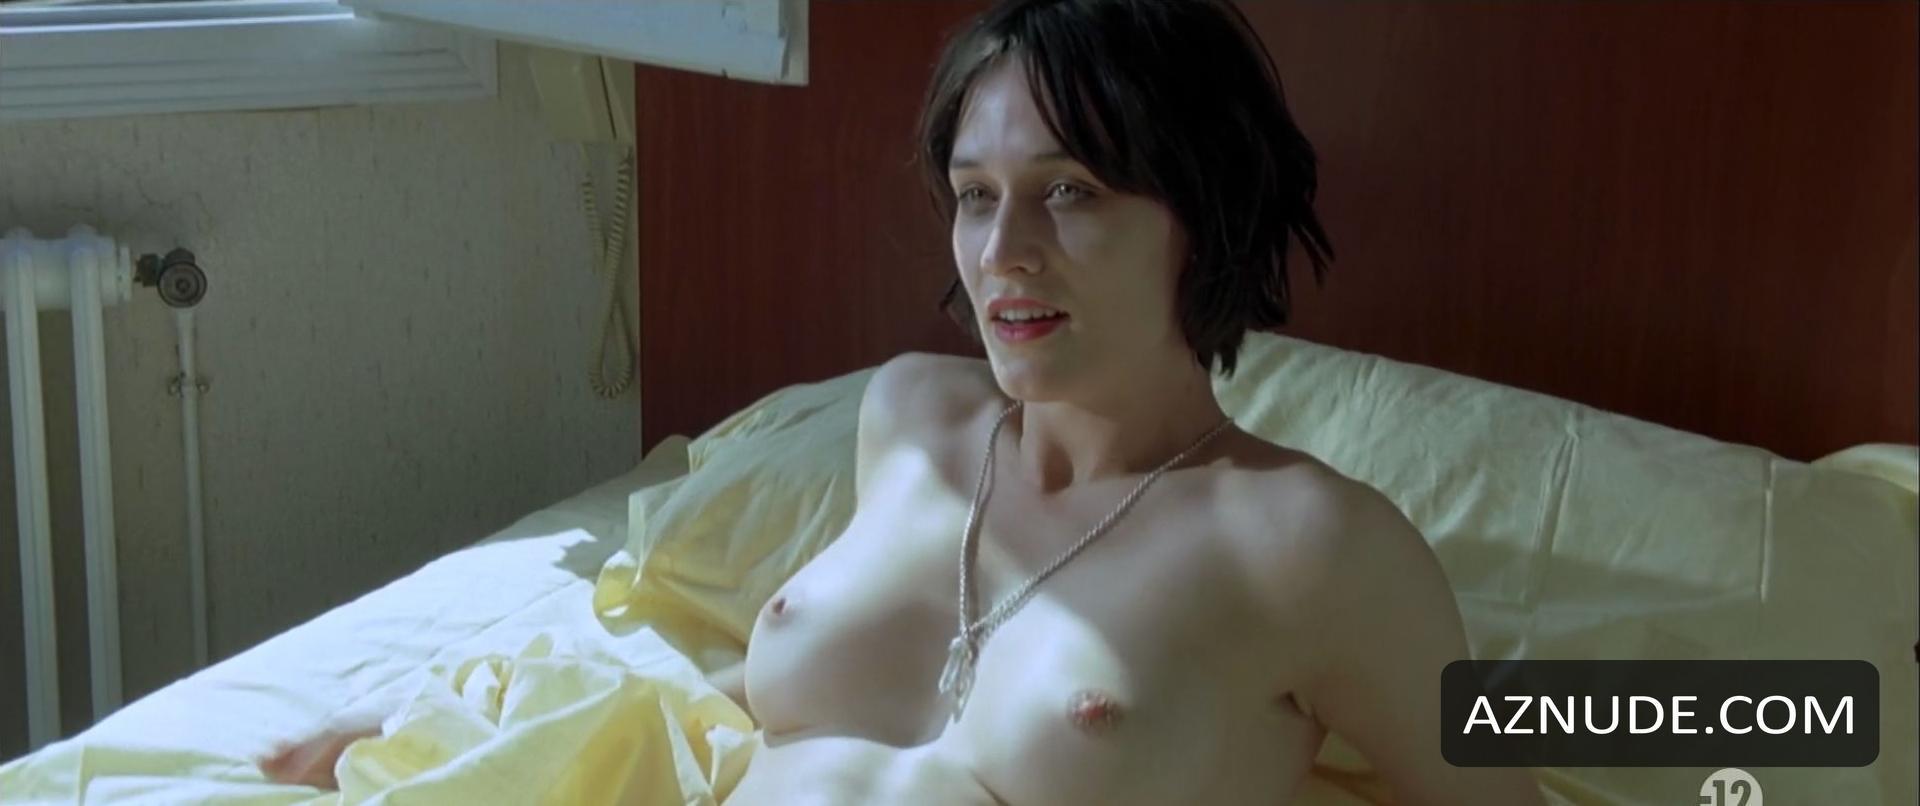 Clotilde Hesme Nude - Aznude-4465